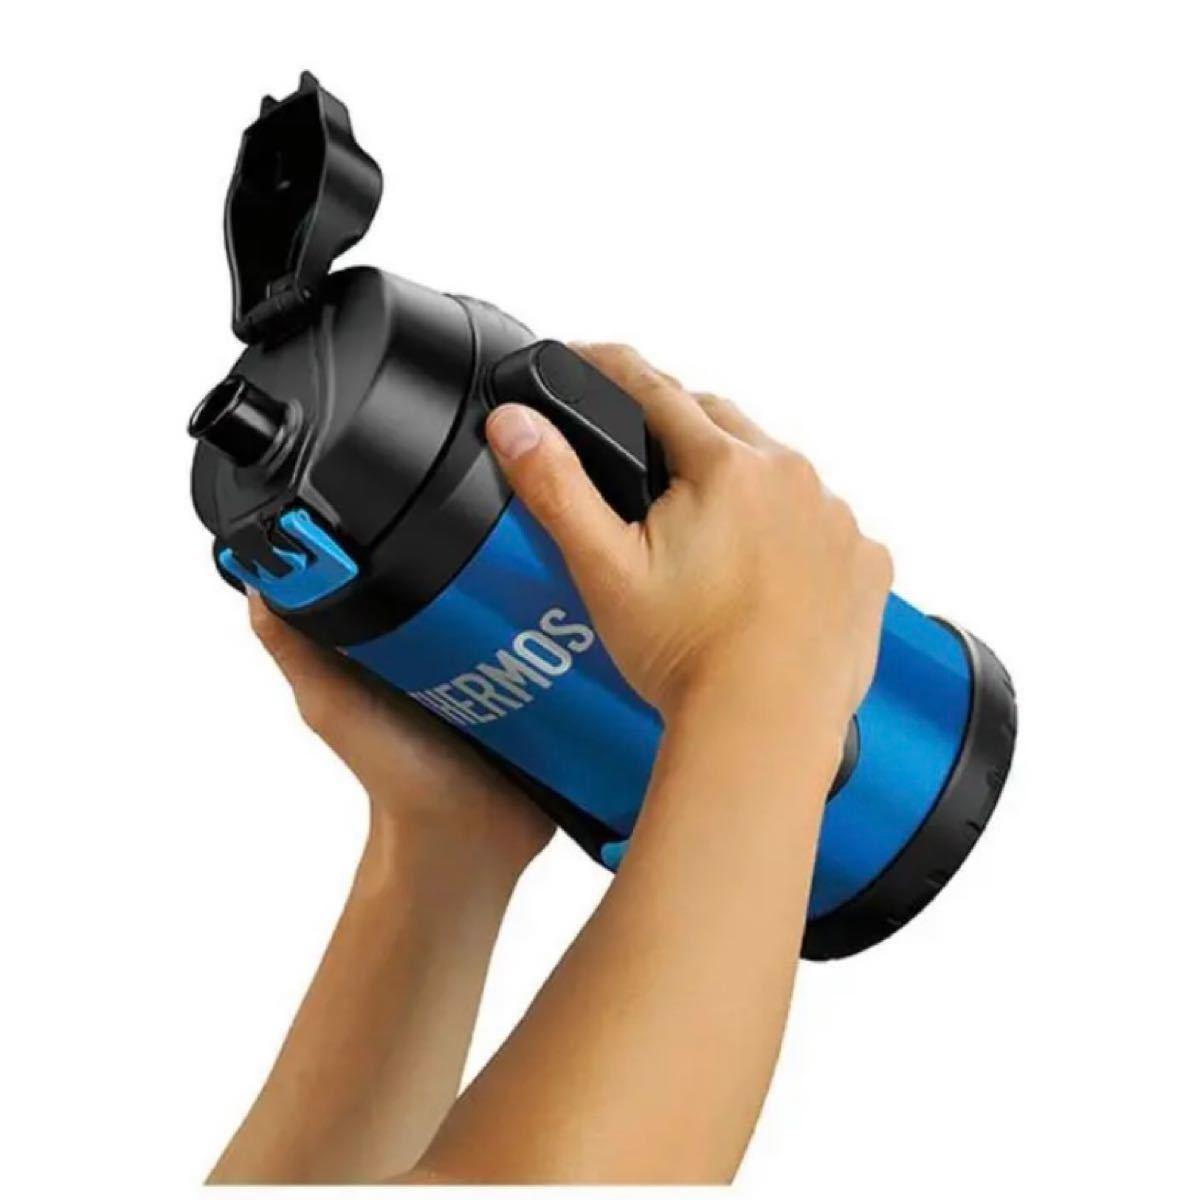 サーモス 水筒 真空断熱スポーツジャグ 2リットル FFV-2000 アイスブルー ICB